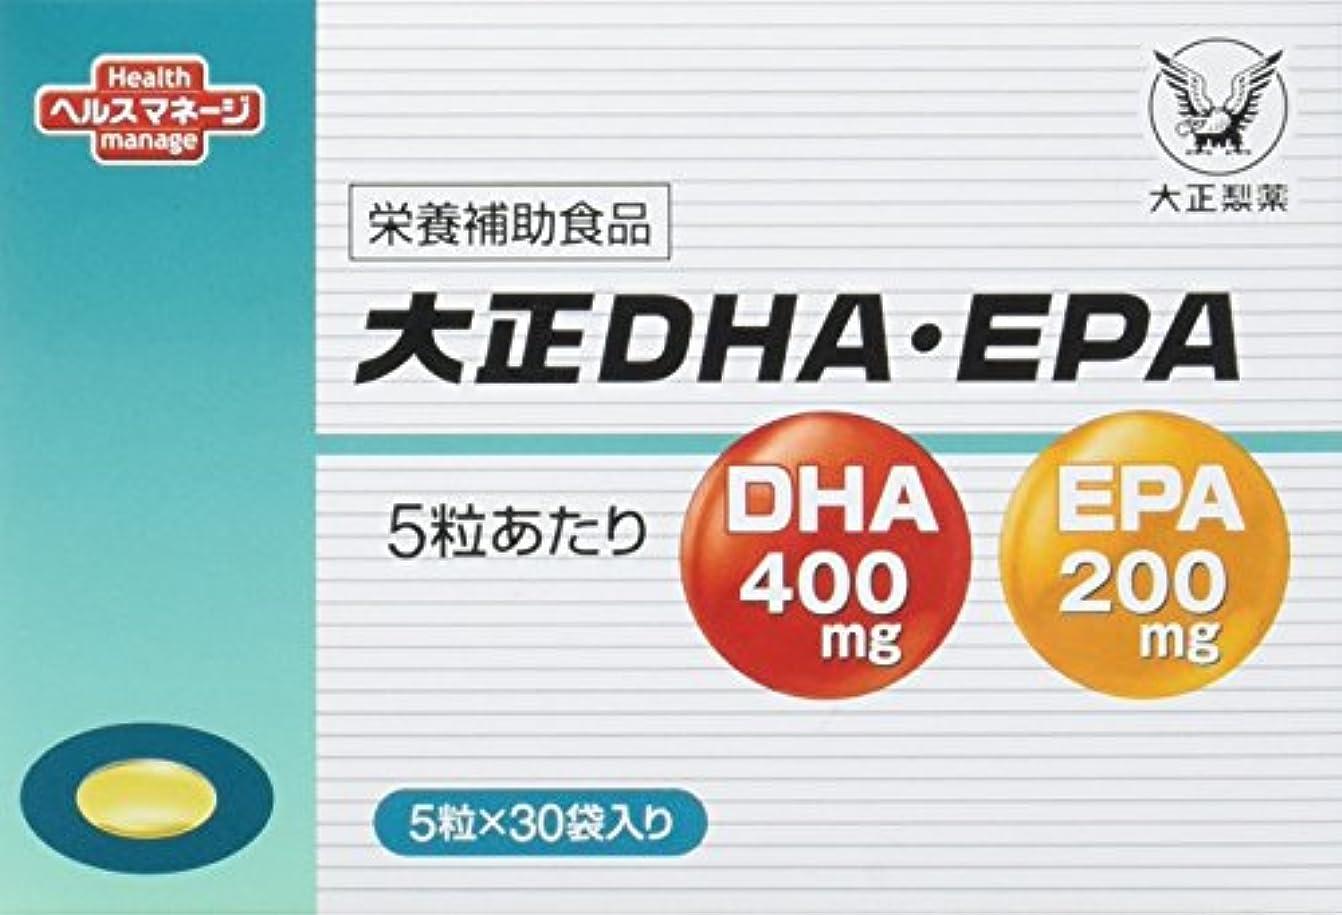 魔法連続した軸大正DHA?EPA